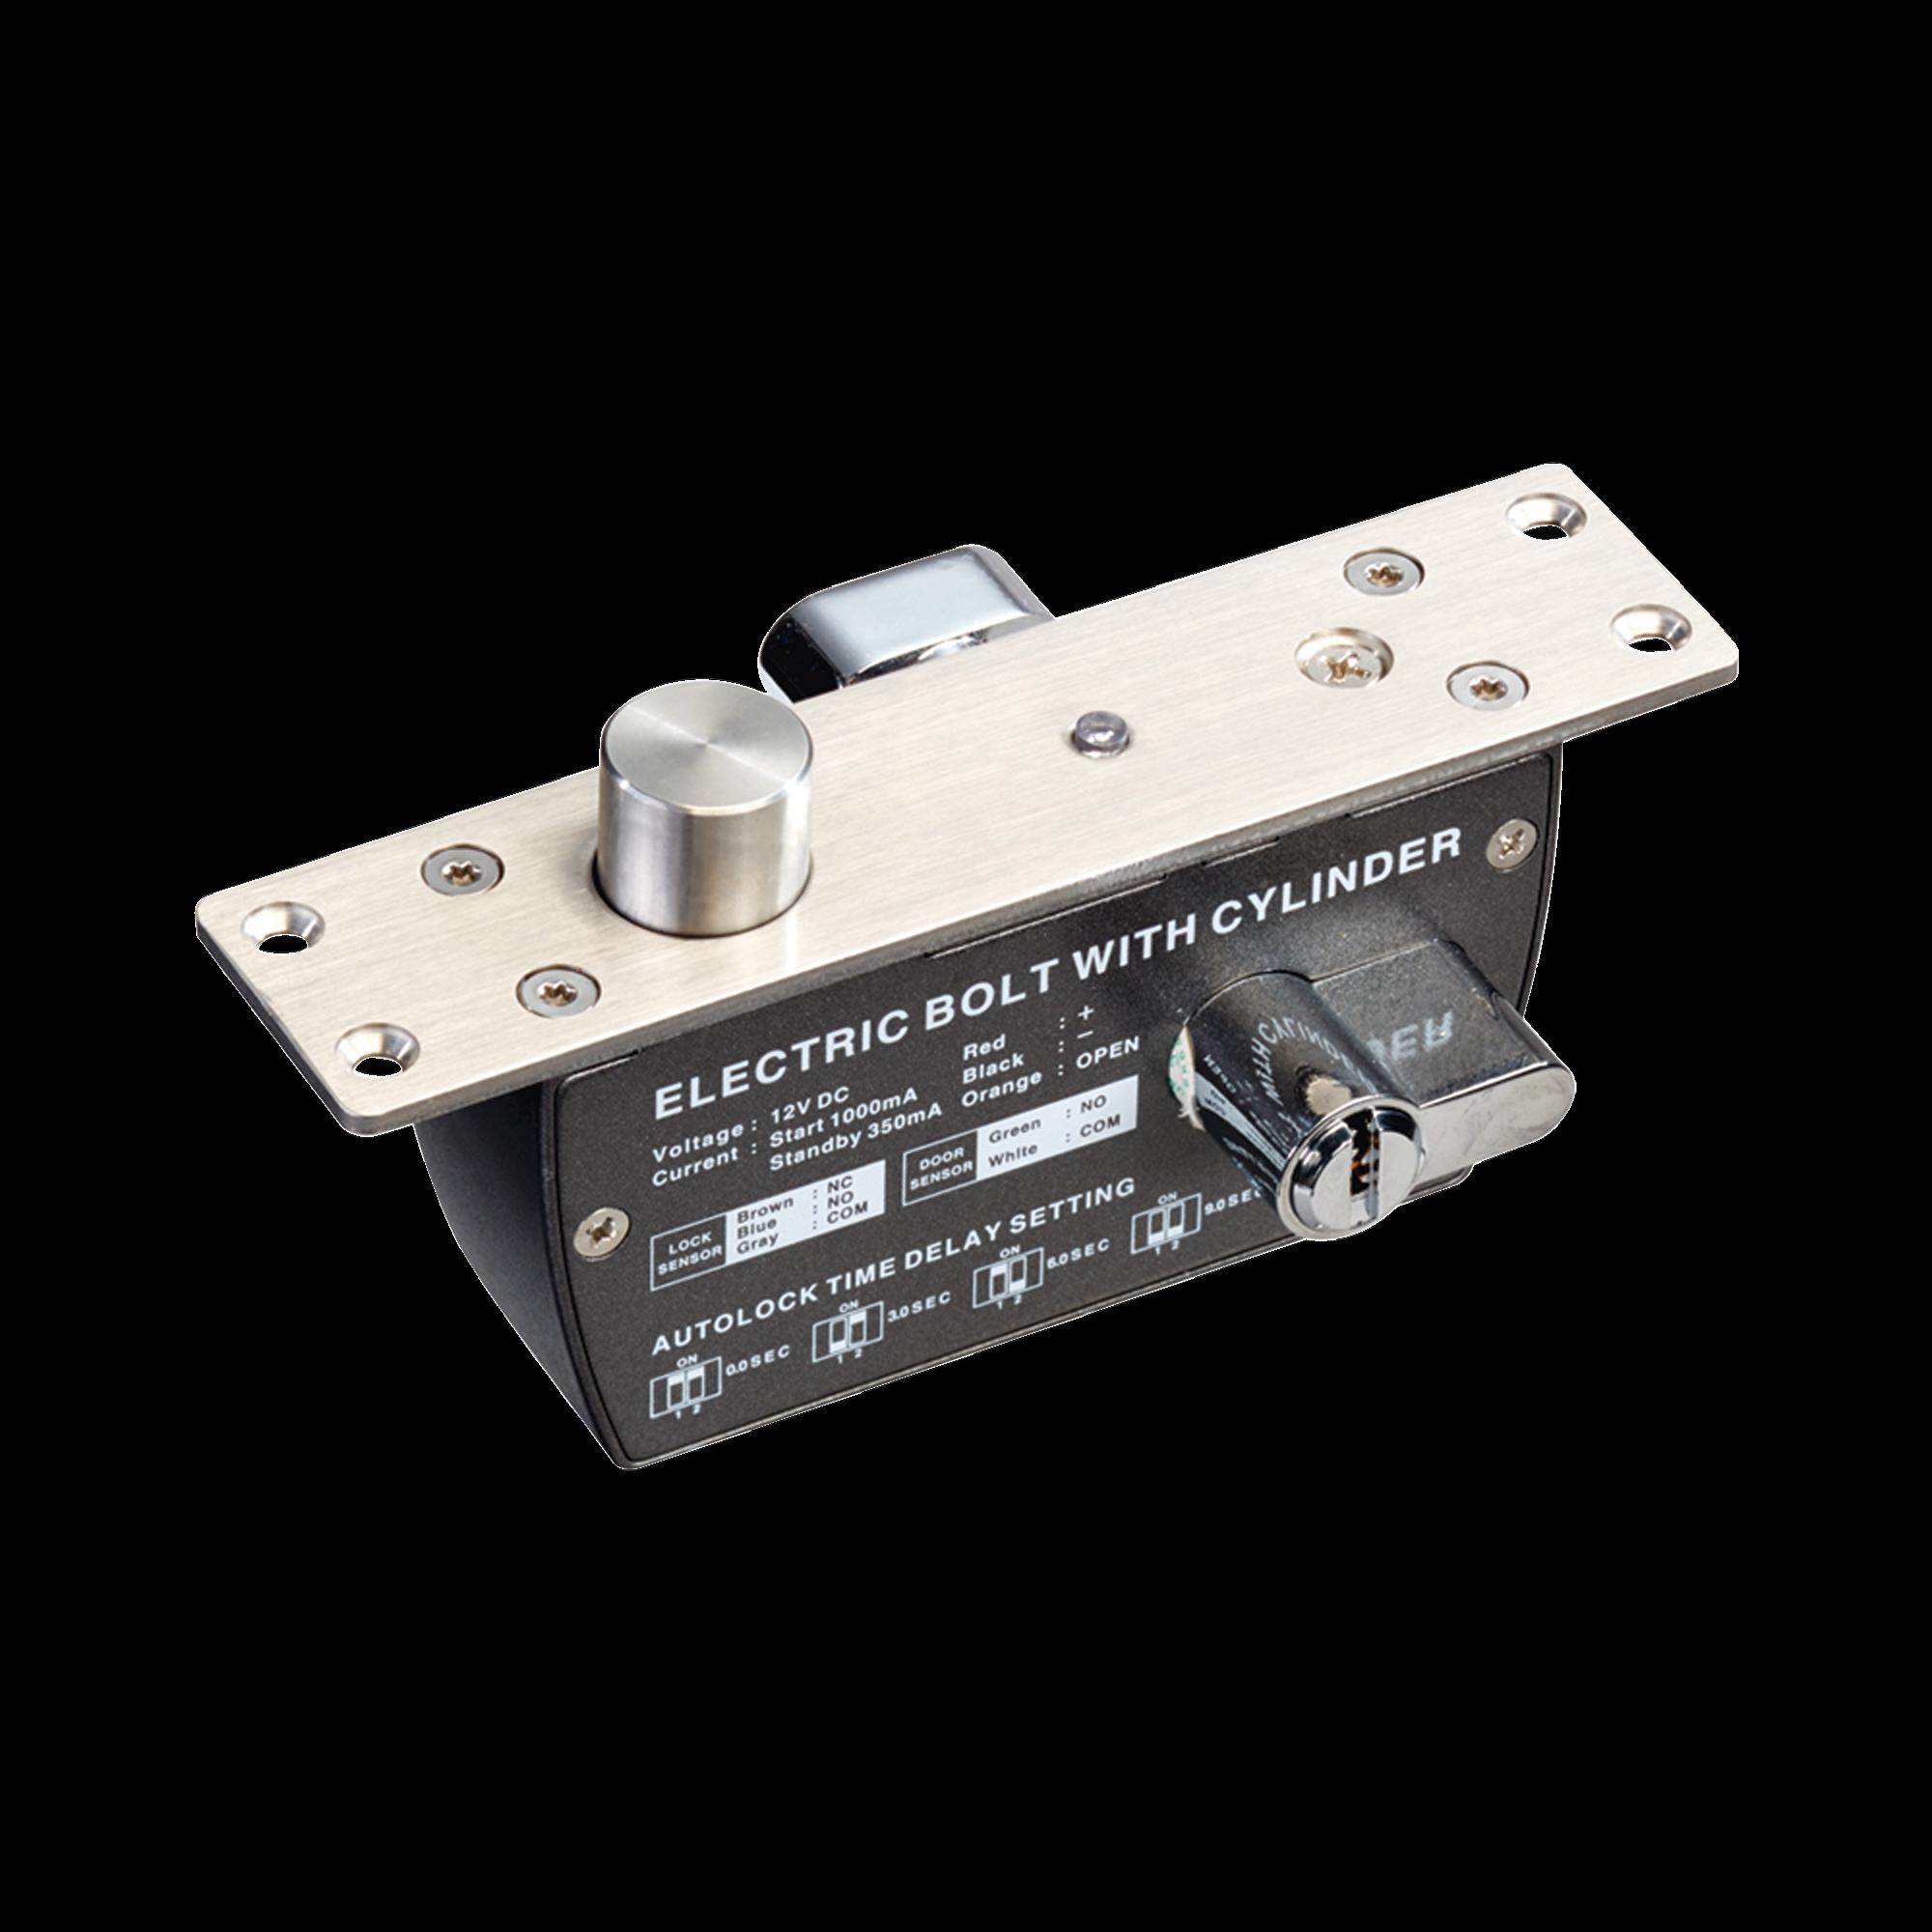 Cerradura de Perno 2000 kg de sujeción/ Abierta en caso de falla (Fail Safe)/ Con temporizador y Sensor de puerta